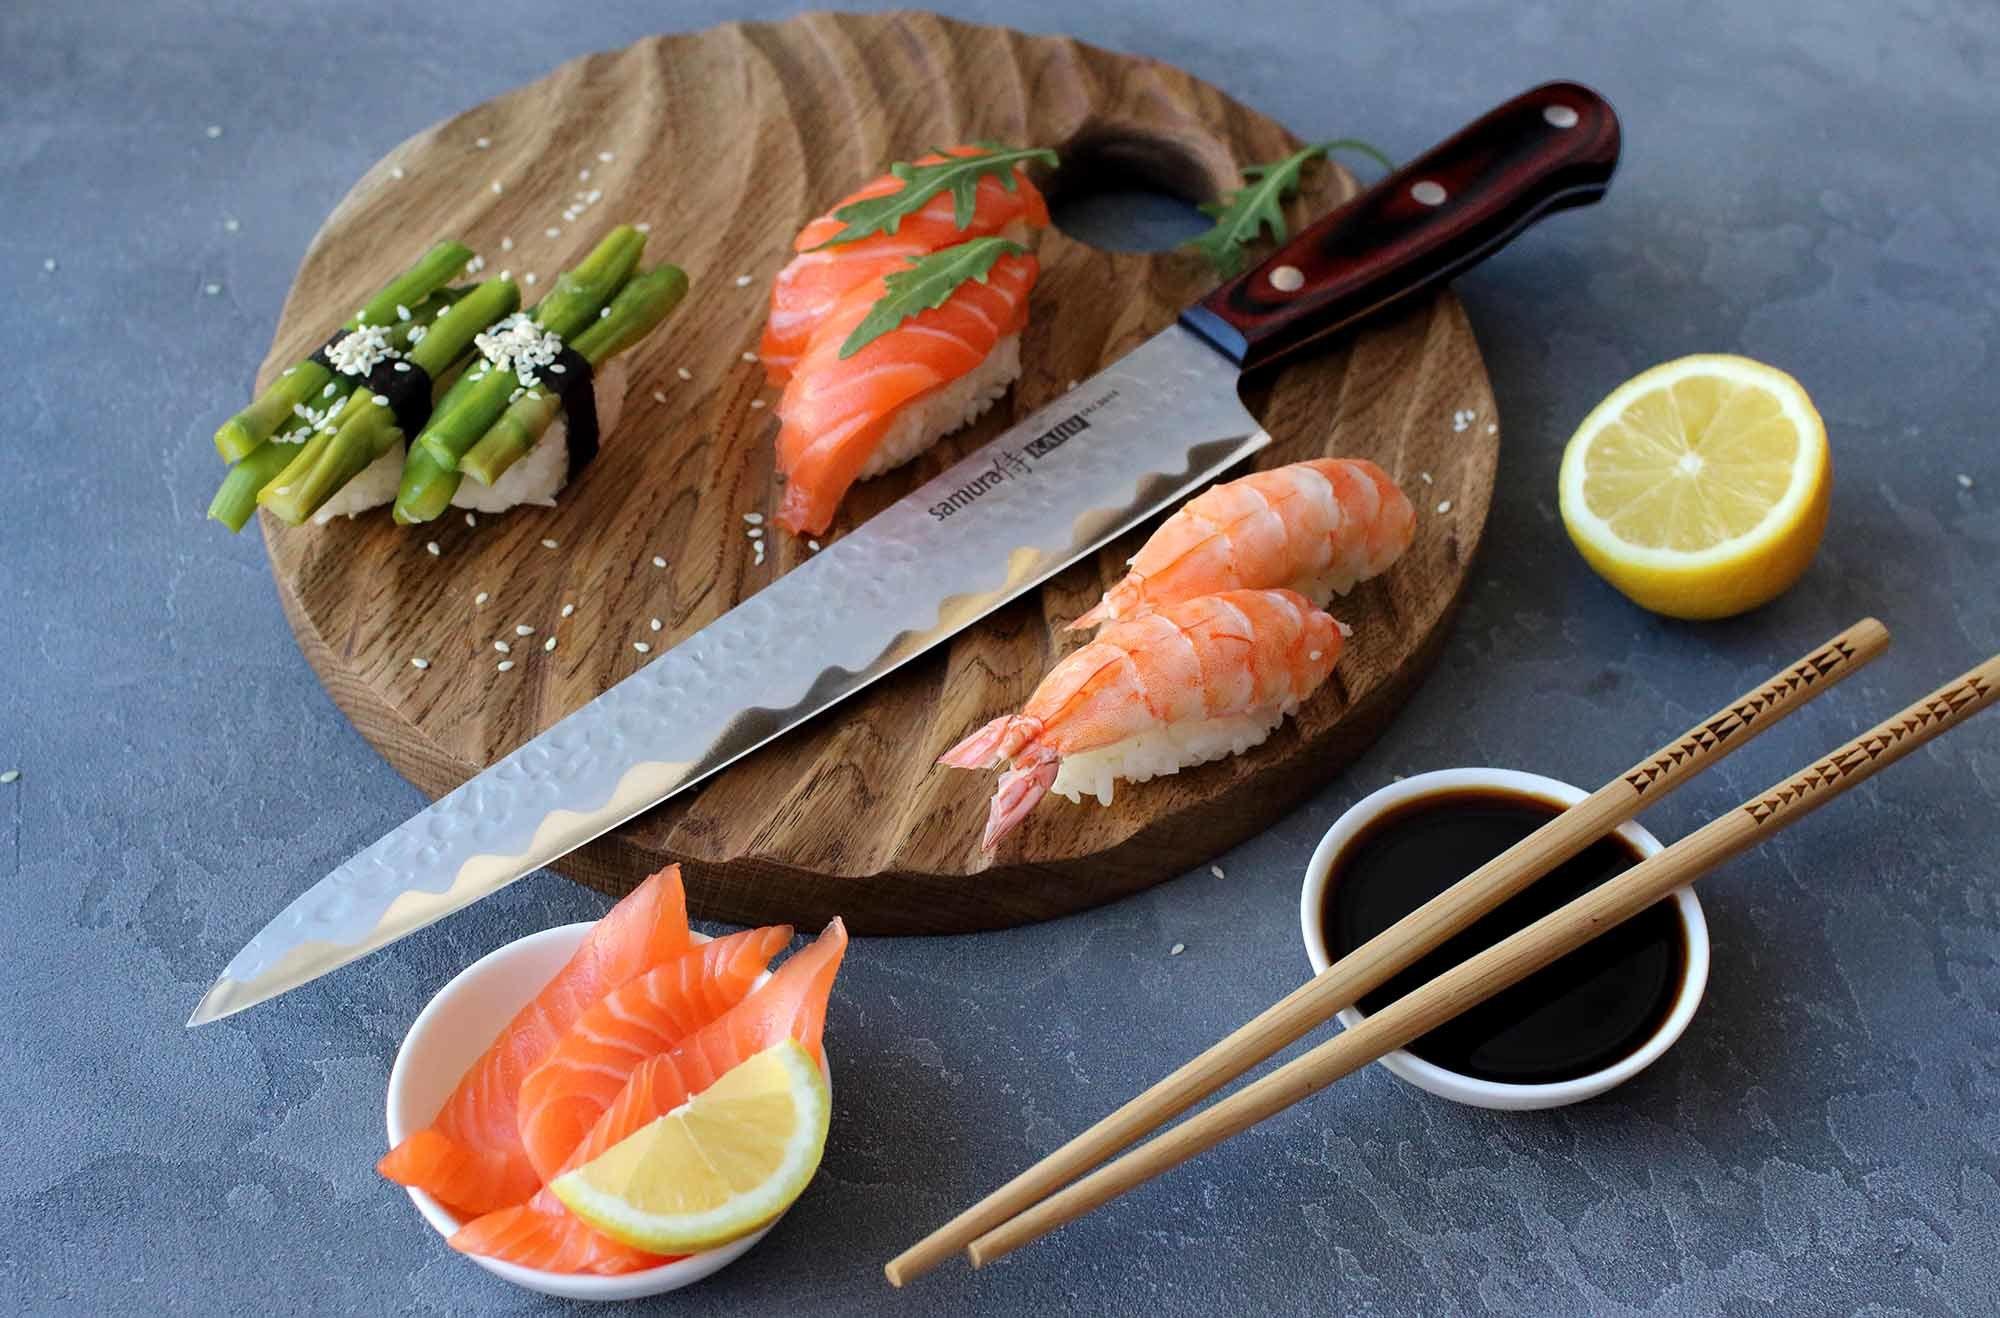 Фото 6 - Нож кухонный Samura KAIJU Янагиба - SKJ-0045, сталь AUS-8, рукоять дерево, 240 мм